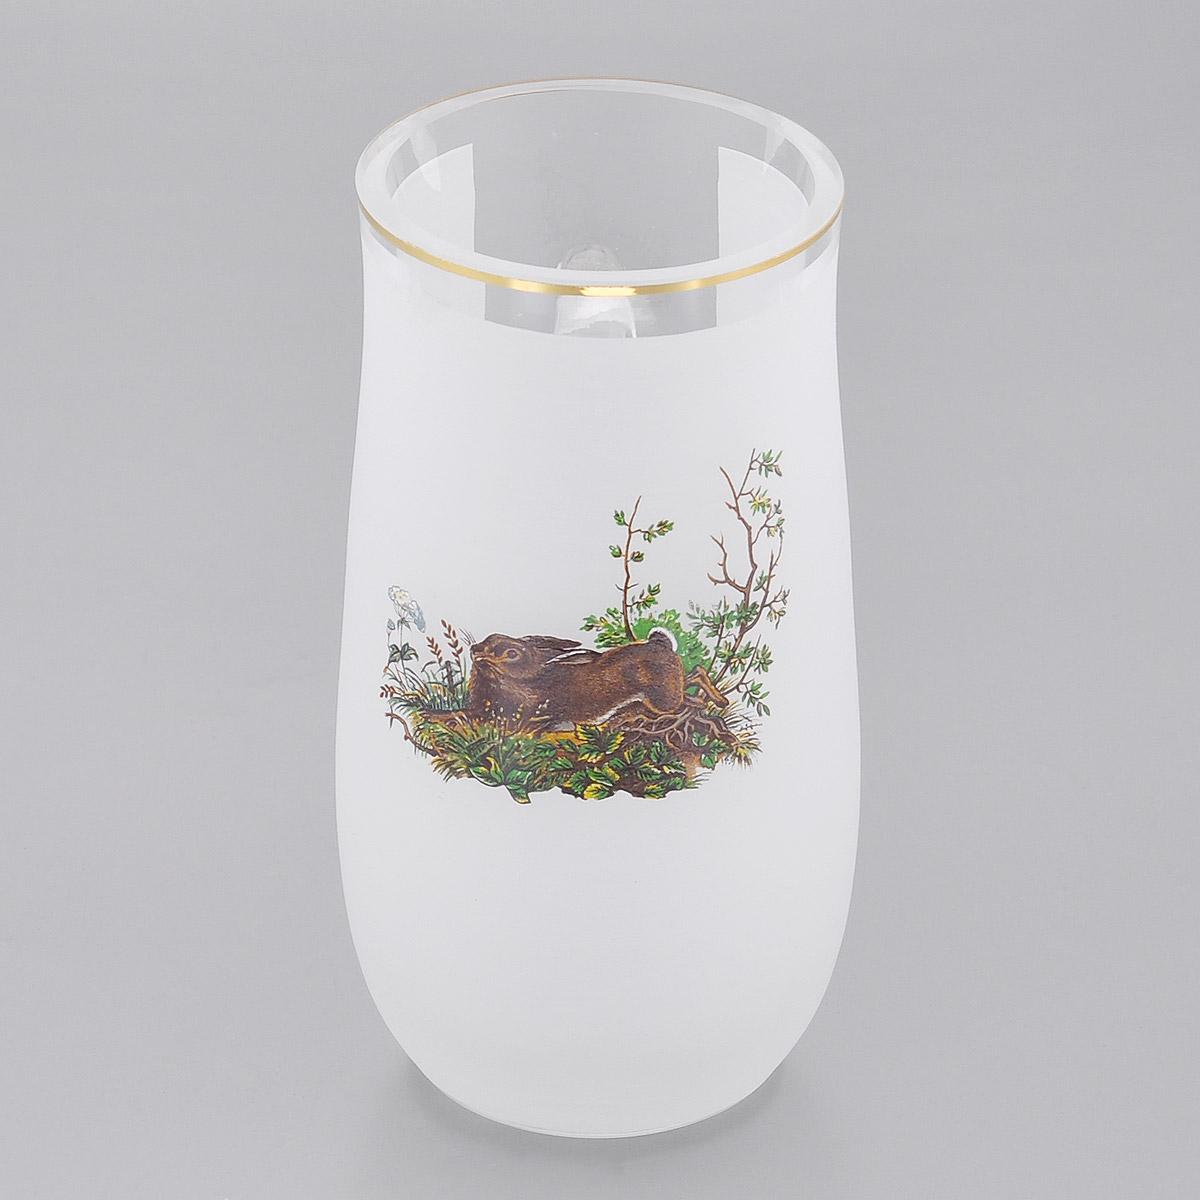 Кружка пивная Crystalite Bohemia Заяц, цвет: белый, 560 мл17035/560/60098Пивная кружка Crystalite Bohemia Заяц, выполненная из выдувного стекла - это не просто емкость для пива, это еще и оригинальный сувенир или прекрасный подарок для настоящего ценителя хмельного напитка. Изделие декорировано сочетанием прозрачной и матовой поверхностей, изображением зайца и золотистой окантовкой. Такая пивная кружка превращает распитие пива в настоящий ритуал, а зауженная к верху форма позволяет пиву дольше сохранять свой аромат.Не использовать в посудомоечной машине и микроволновой печи.